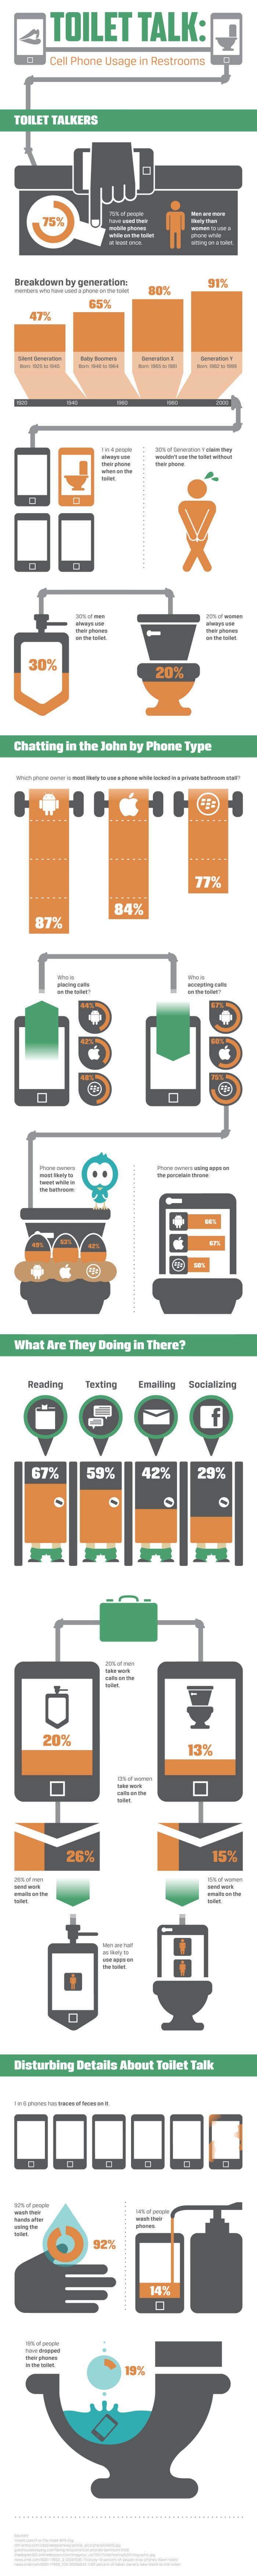 El uso del Smartphone en el Baño